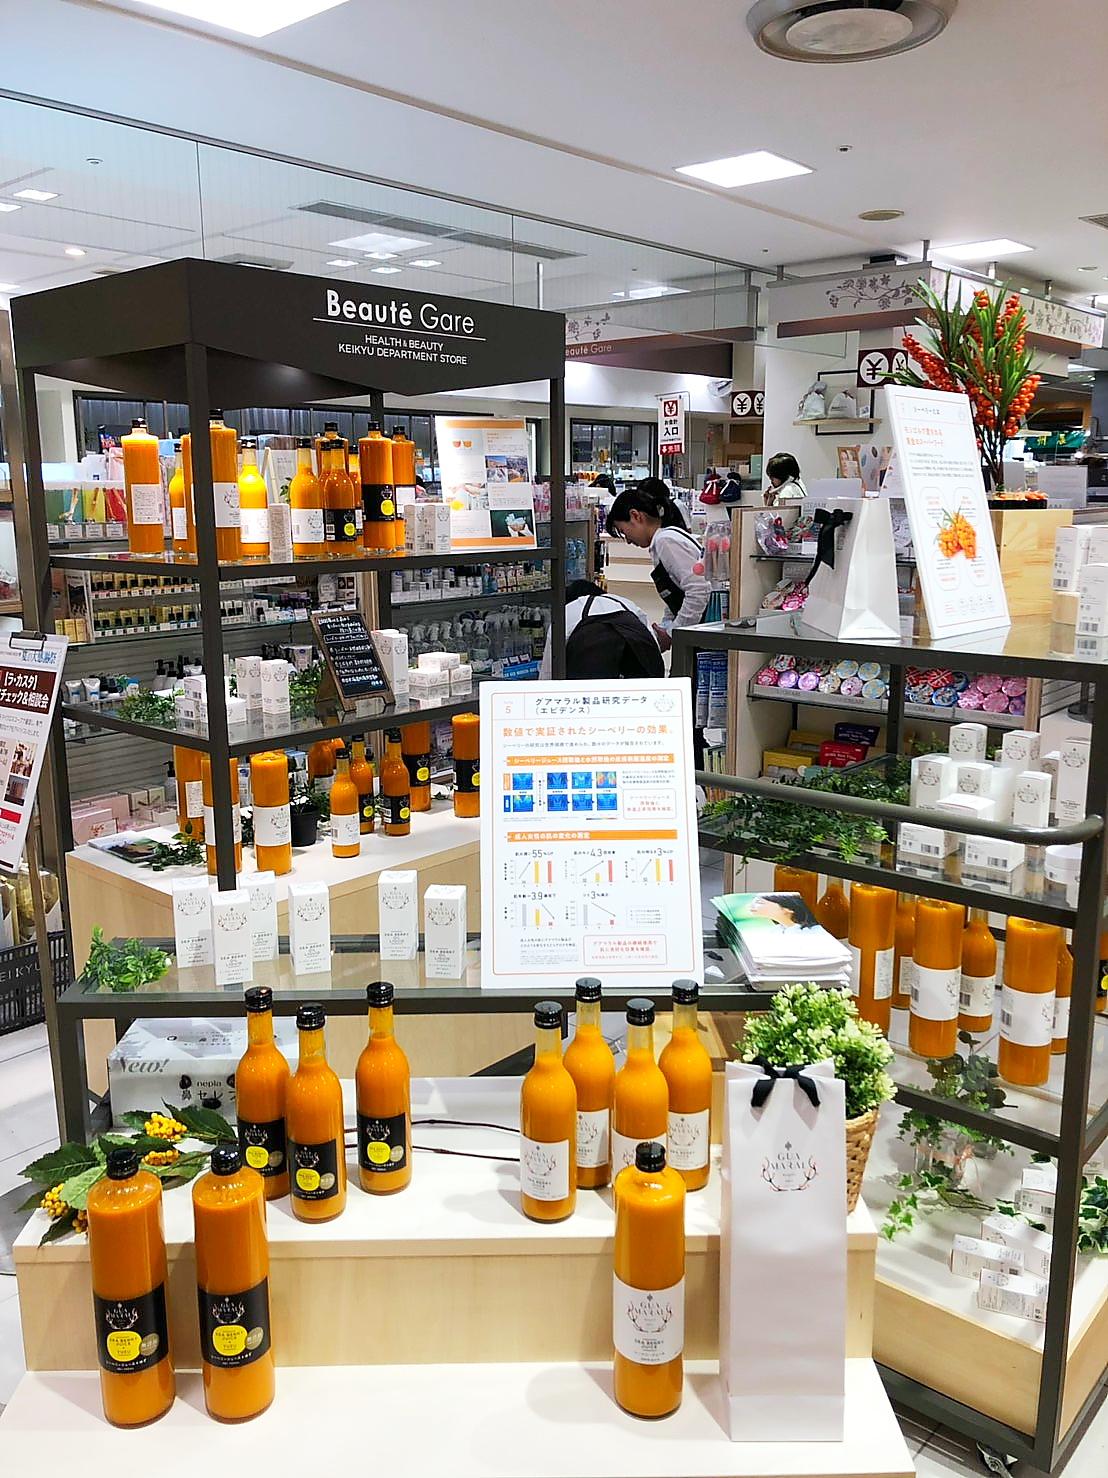 【5/16-22】期間限定POPUP SHOP@ボーテガール上大岡店(京急百貨店7F)に出店しています。